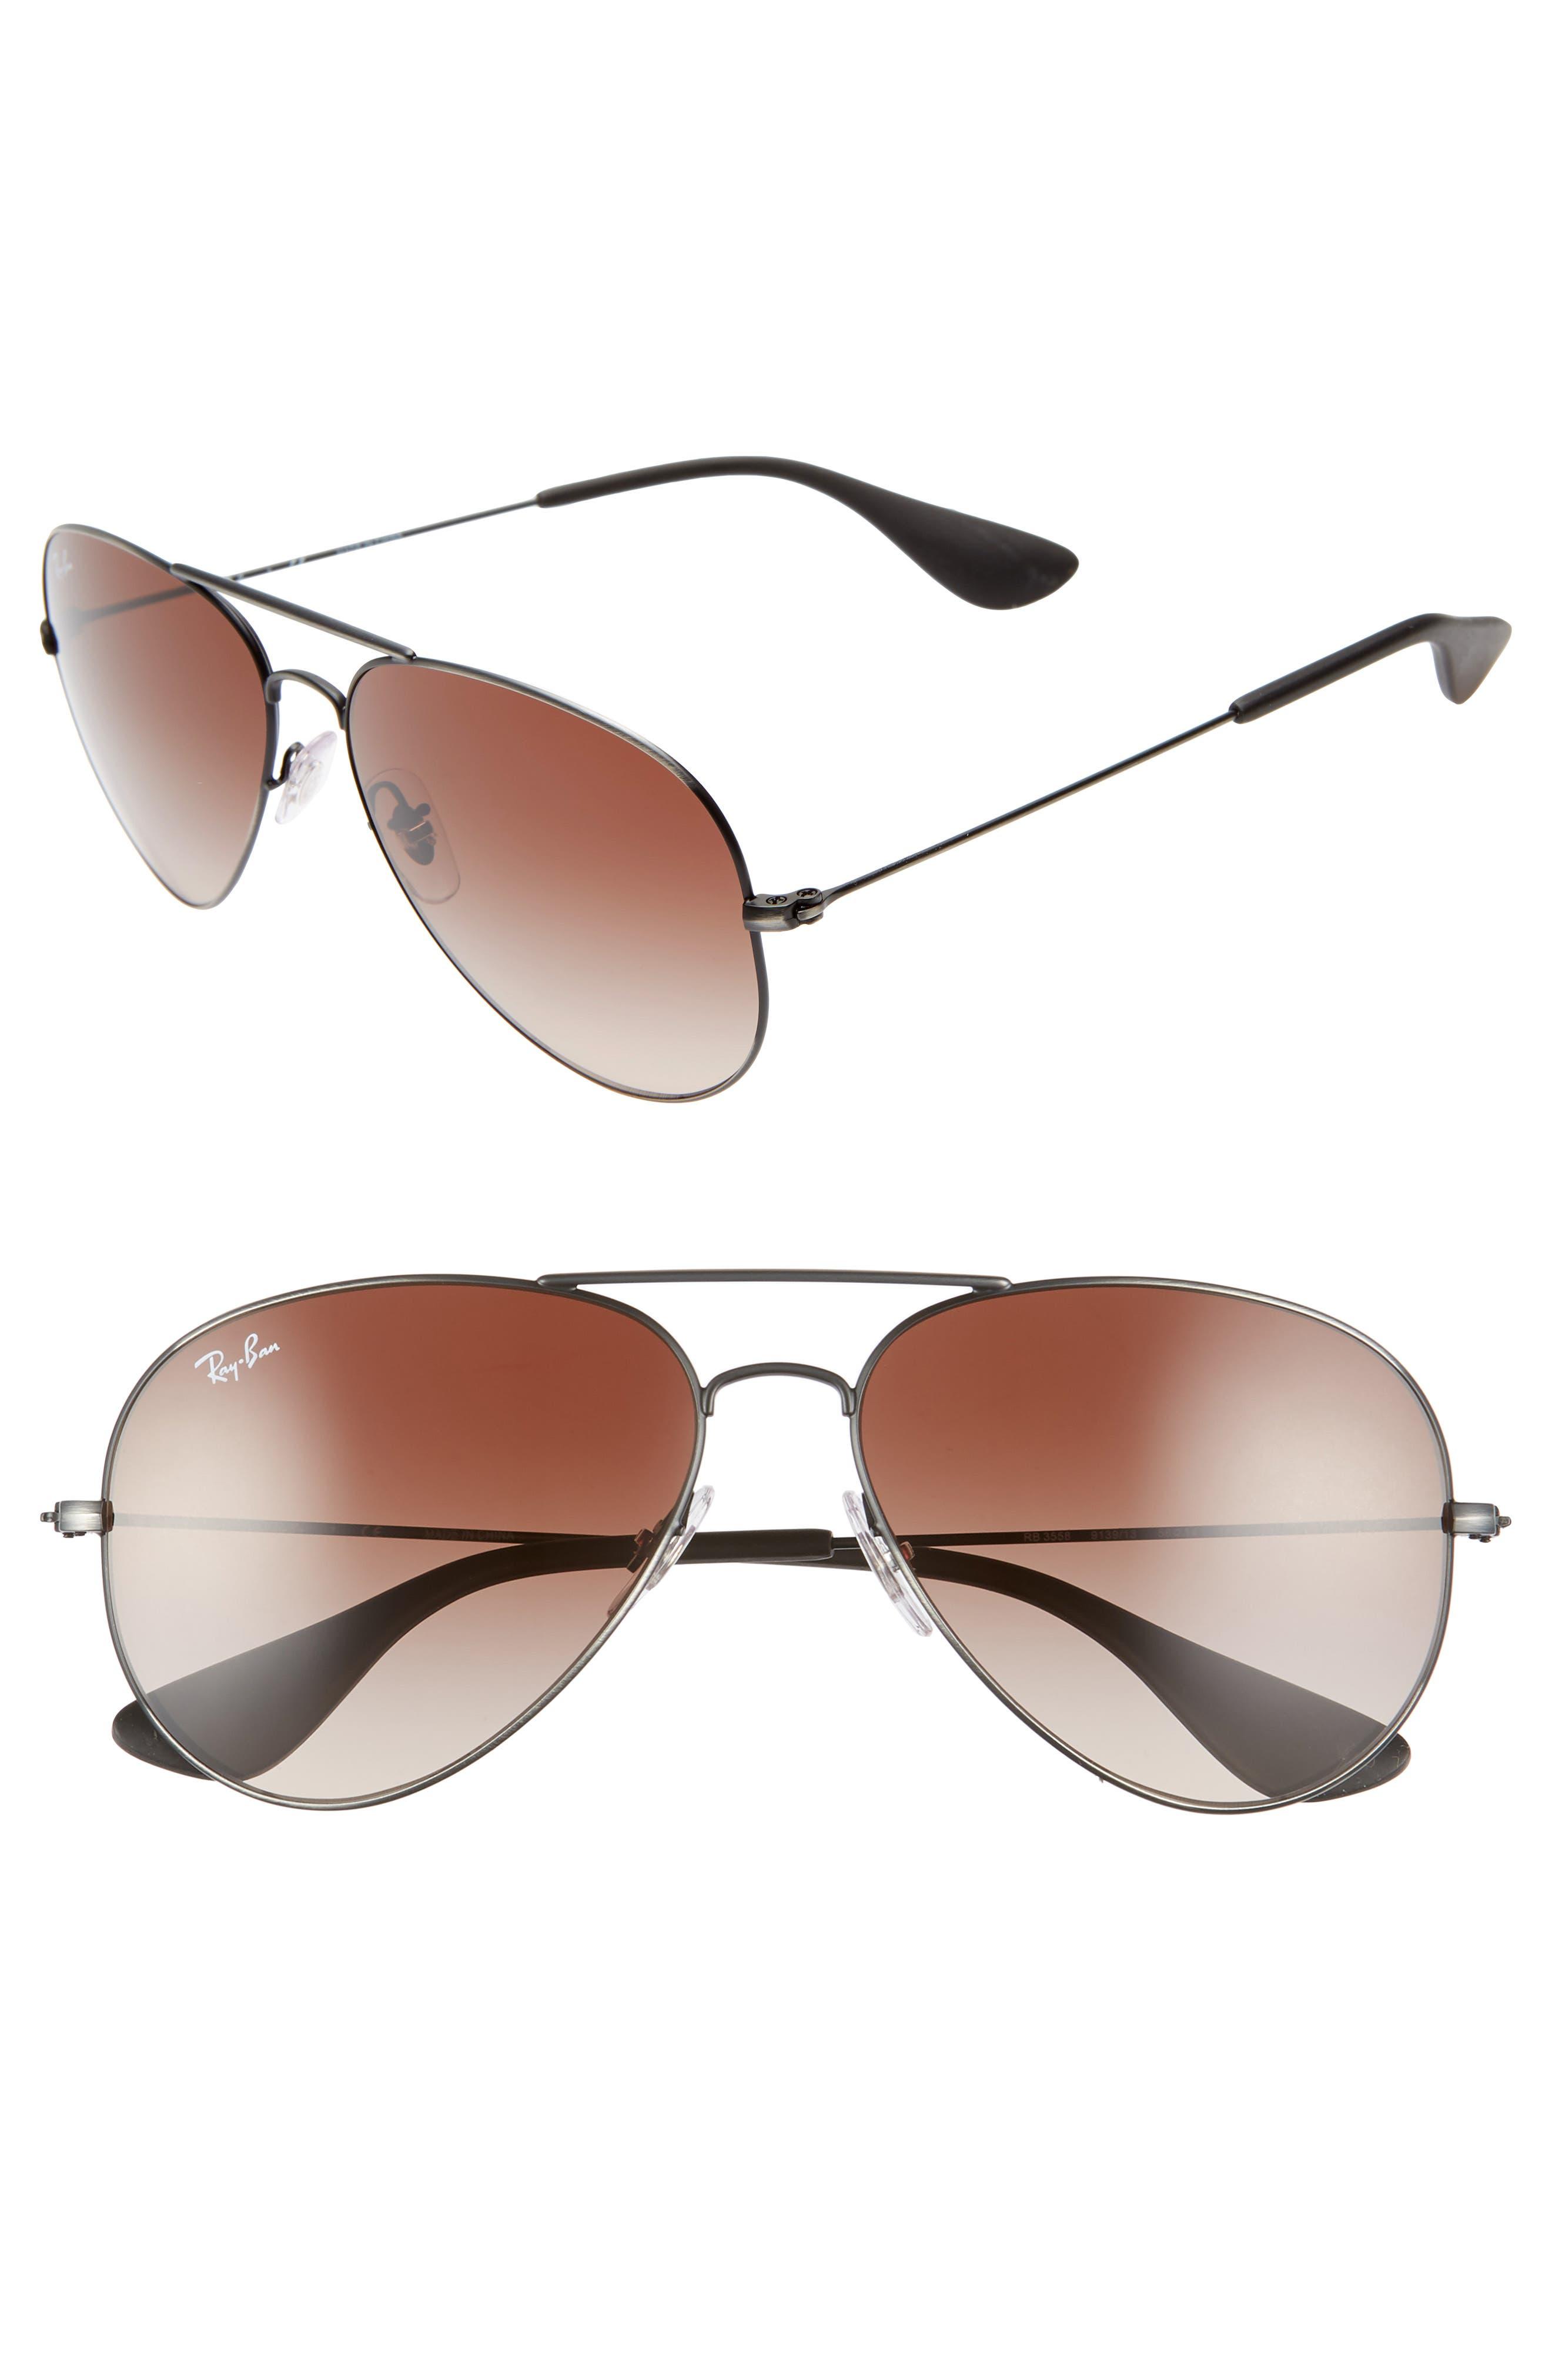 Pilot 58mm Gradient Sunglasses,                             Main thumbnail 1, color,                             MATTE BLACK